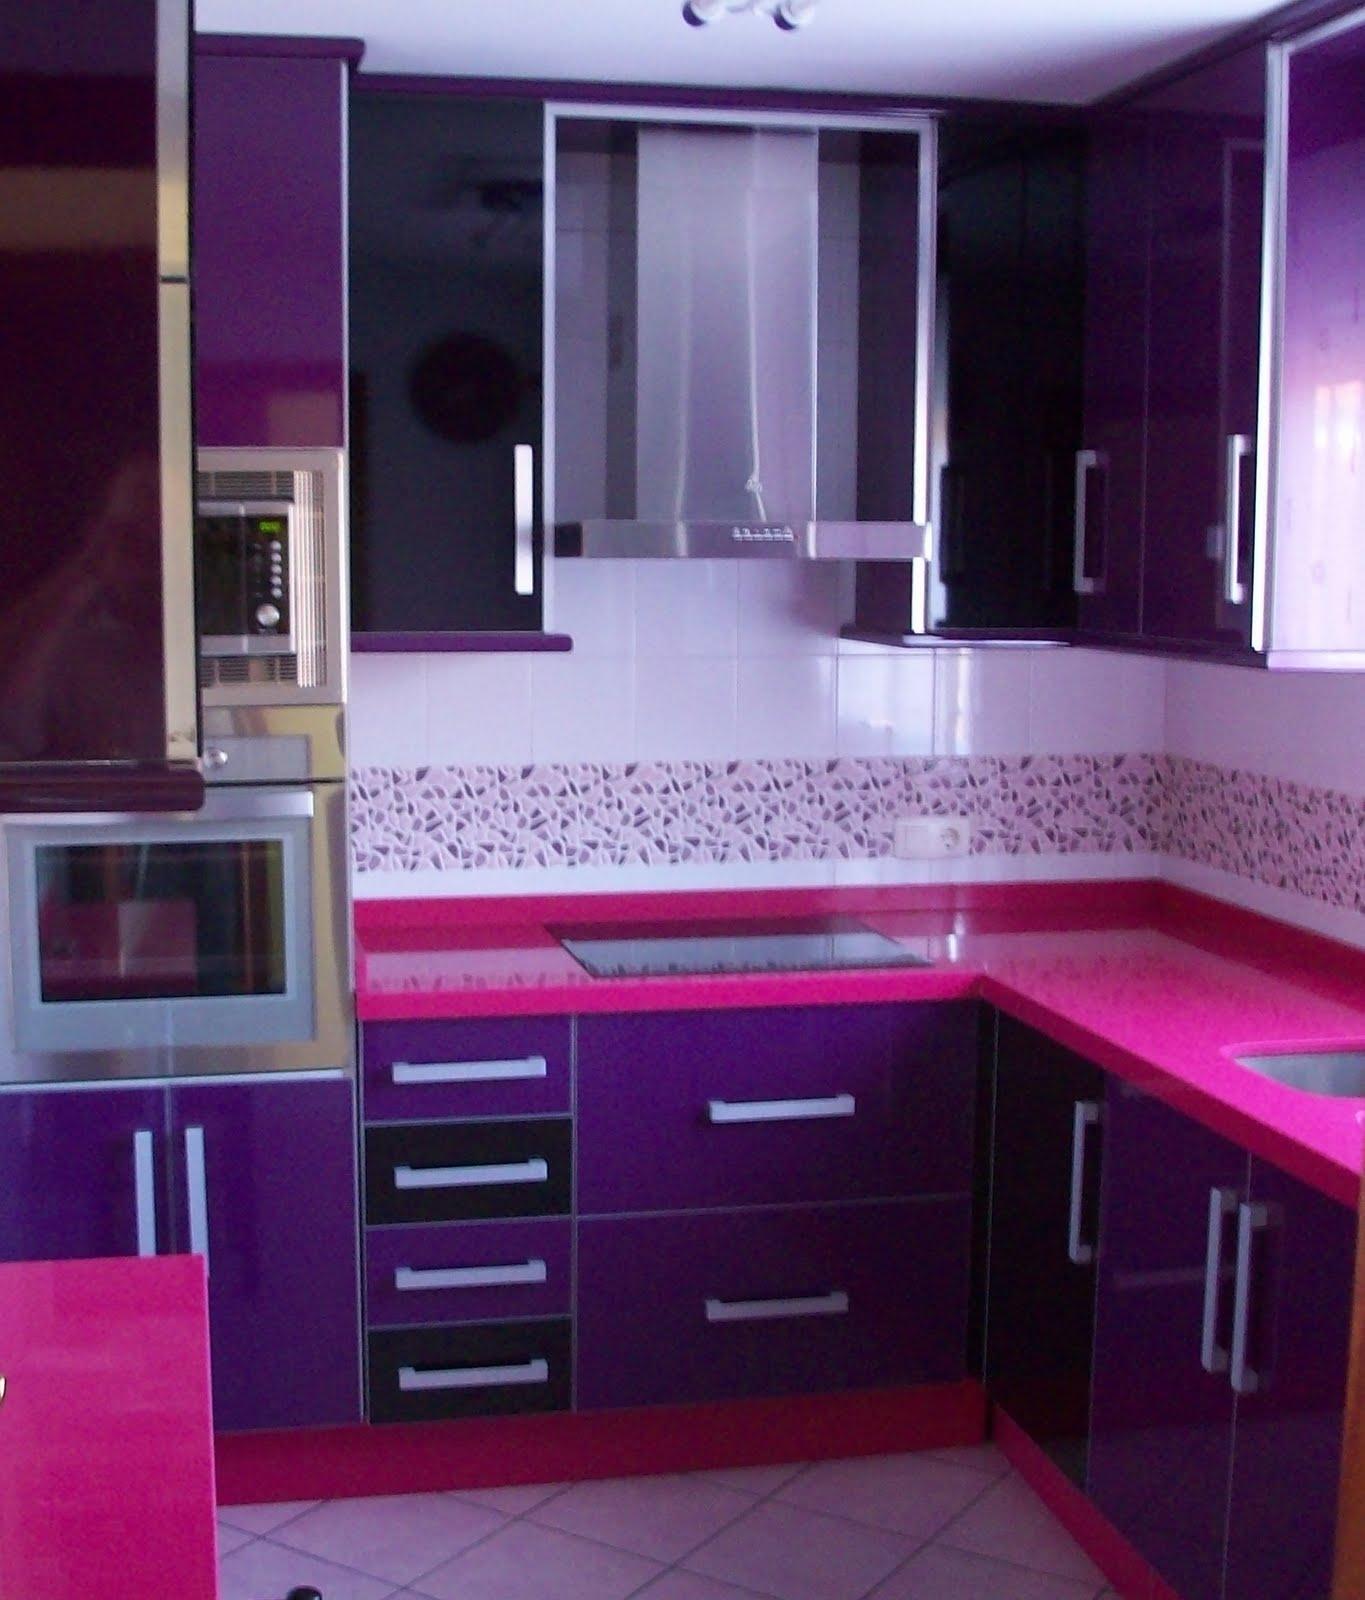 Cocinas cocina de dise o berenjena y negro for Cocinas color berenjena